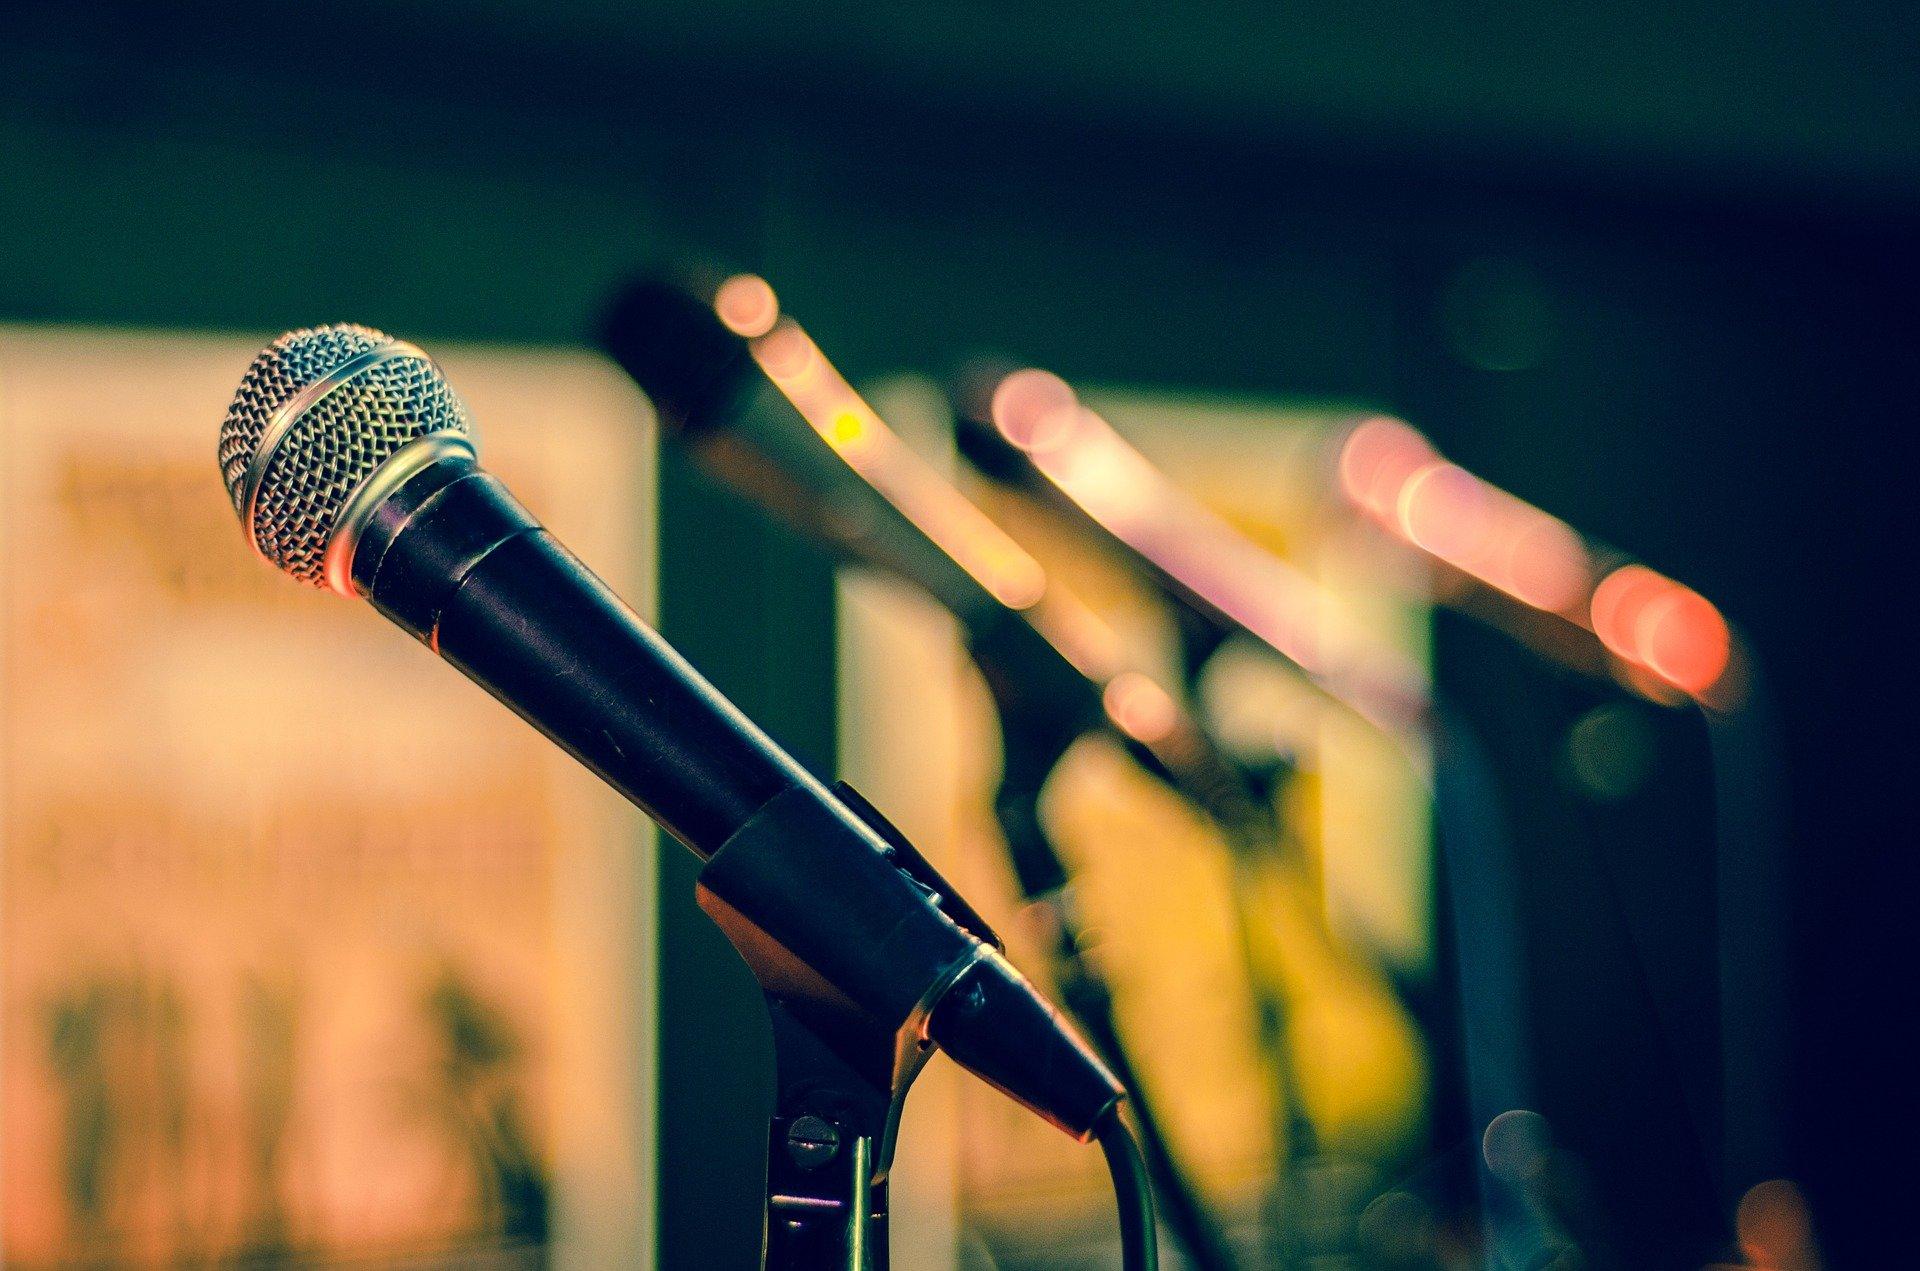 Мастер-класс по эстрадному вокалу проведут в Доме культуры «Коммунарка». Фото: pixabay.com